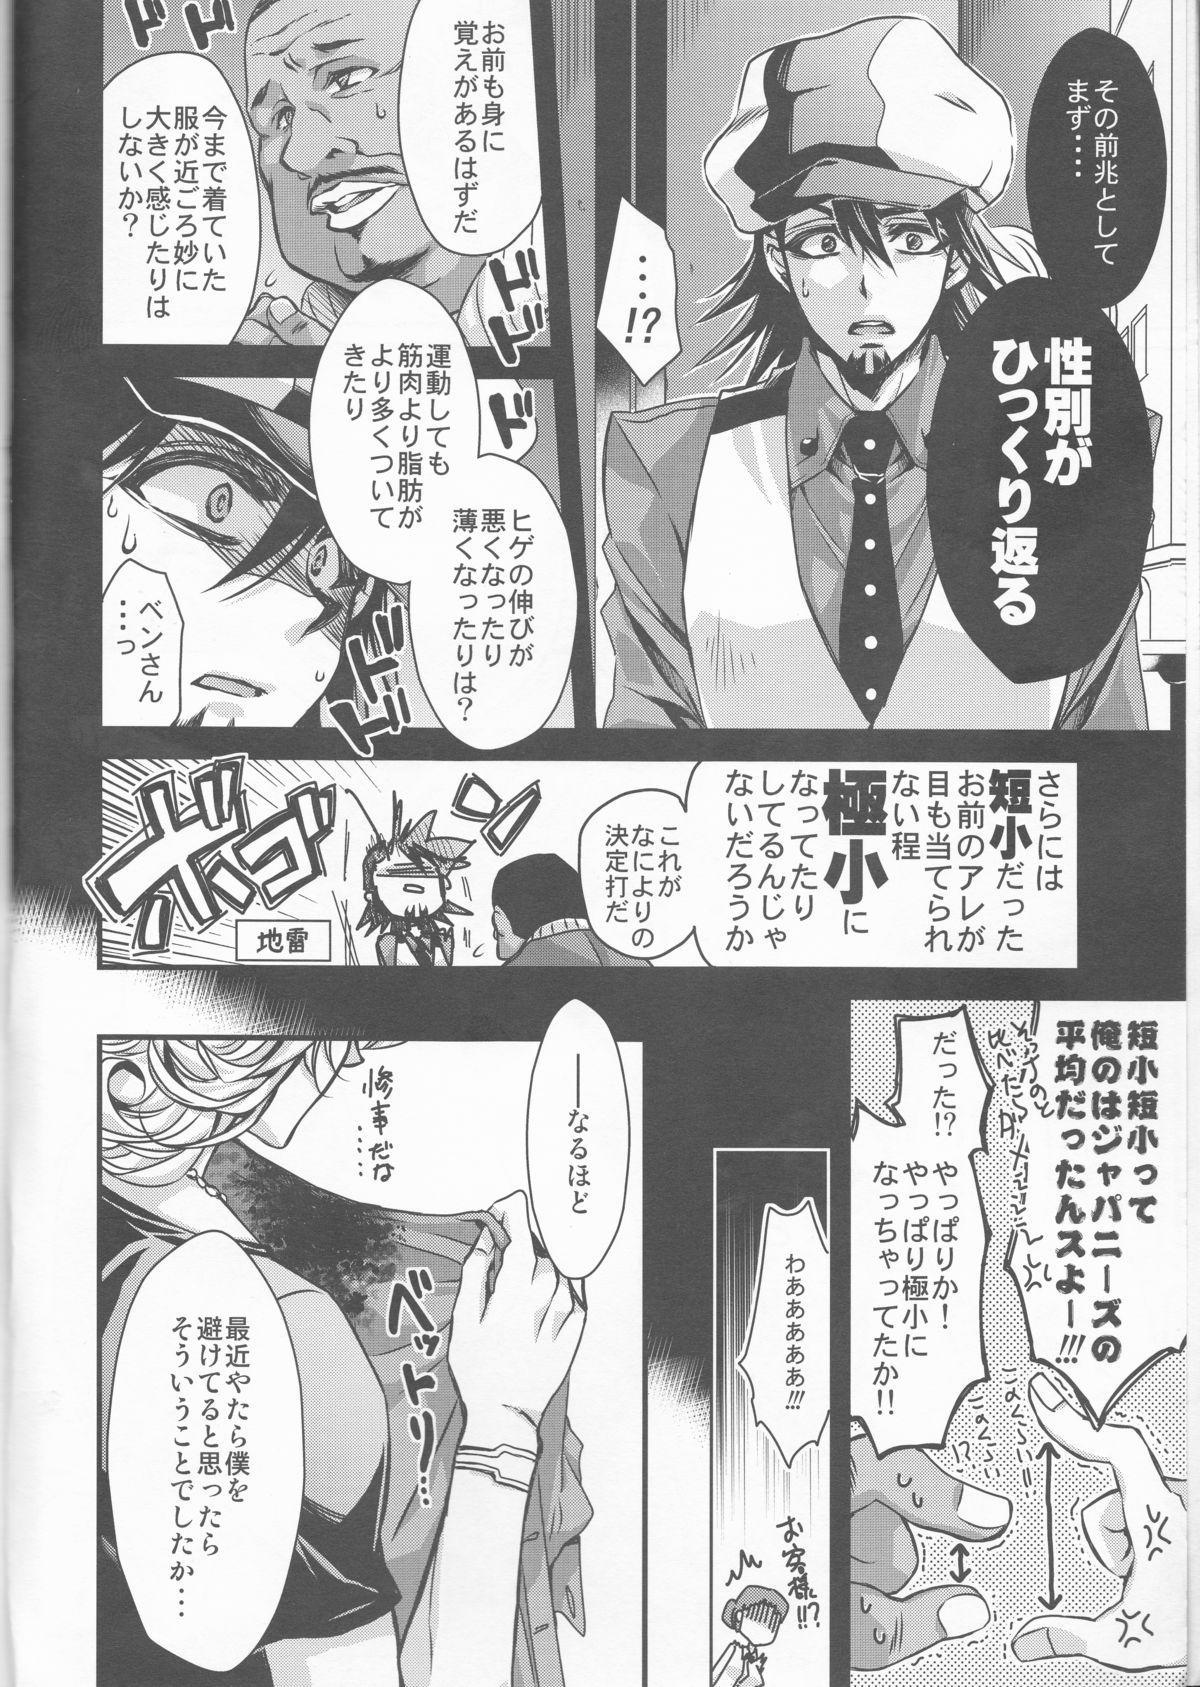 (C81) [RIRIADOLL (Takewakamaru)] Boku no Kotetsu-san ga Nyotetsu-san ni Natte Shimai Mashite!? (Tiger & Bunny) 3